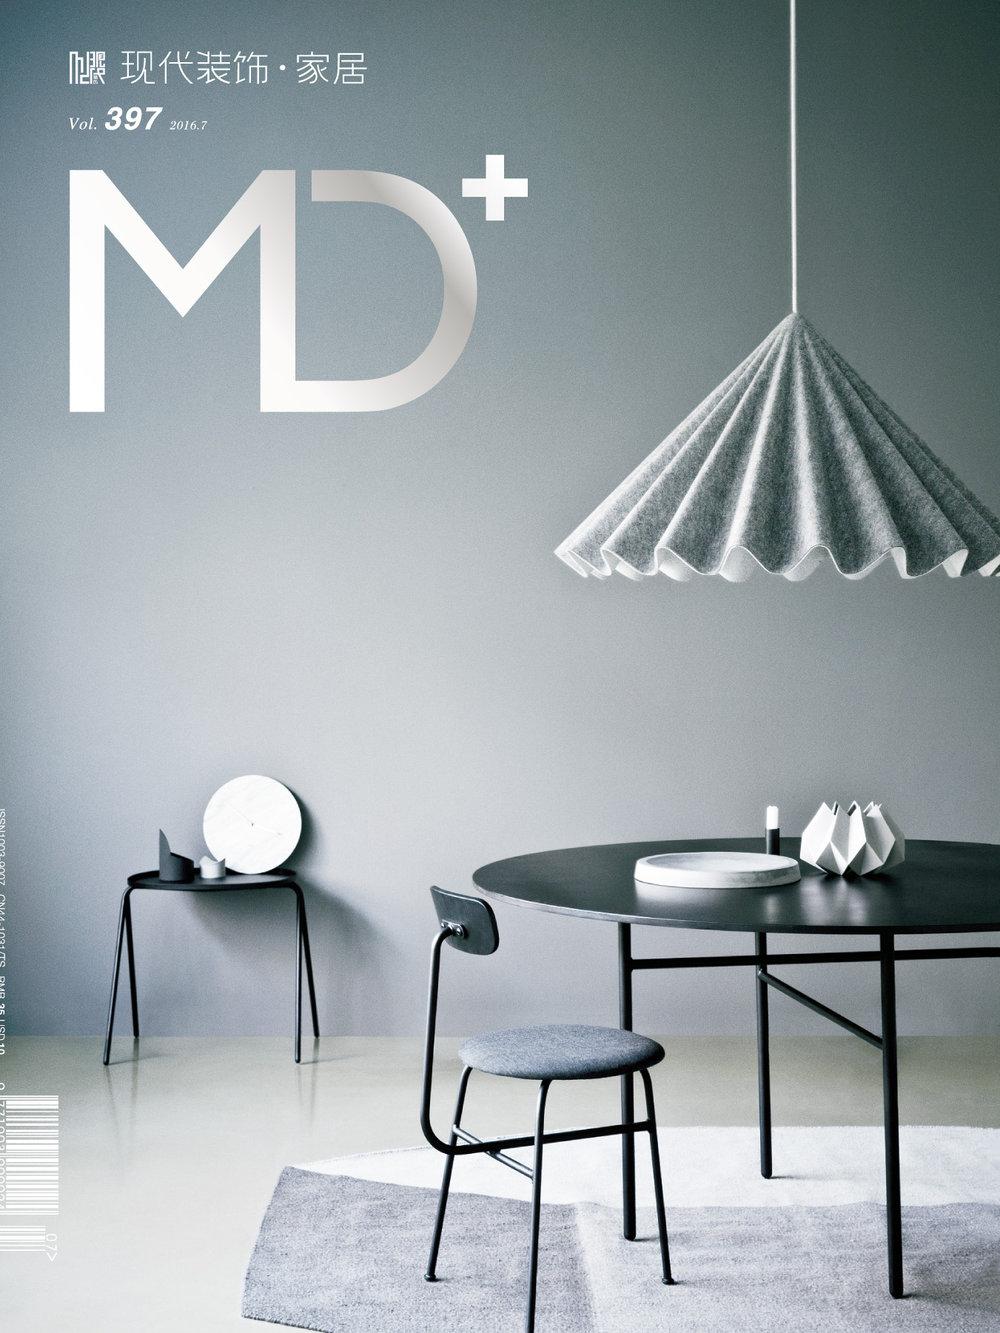 MD+ - loft hrebenky